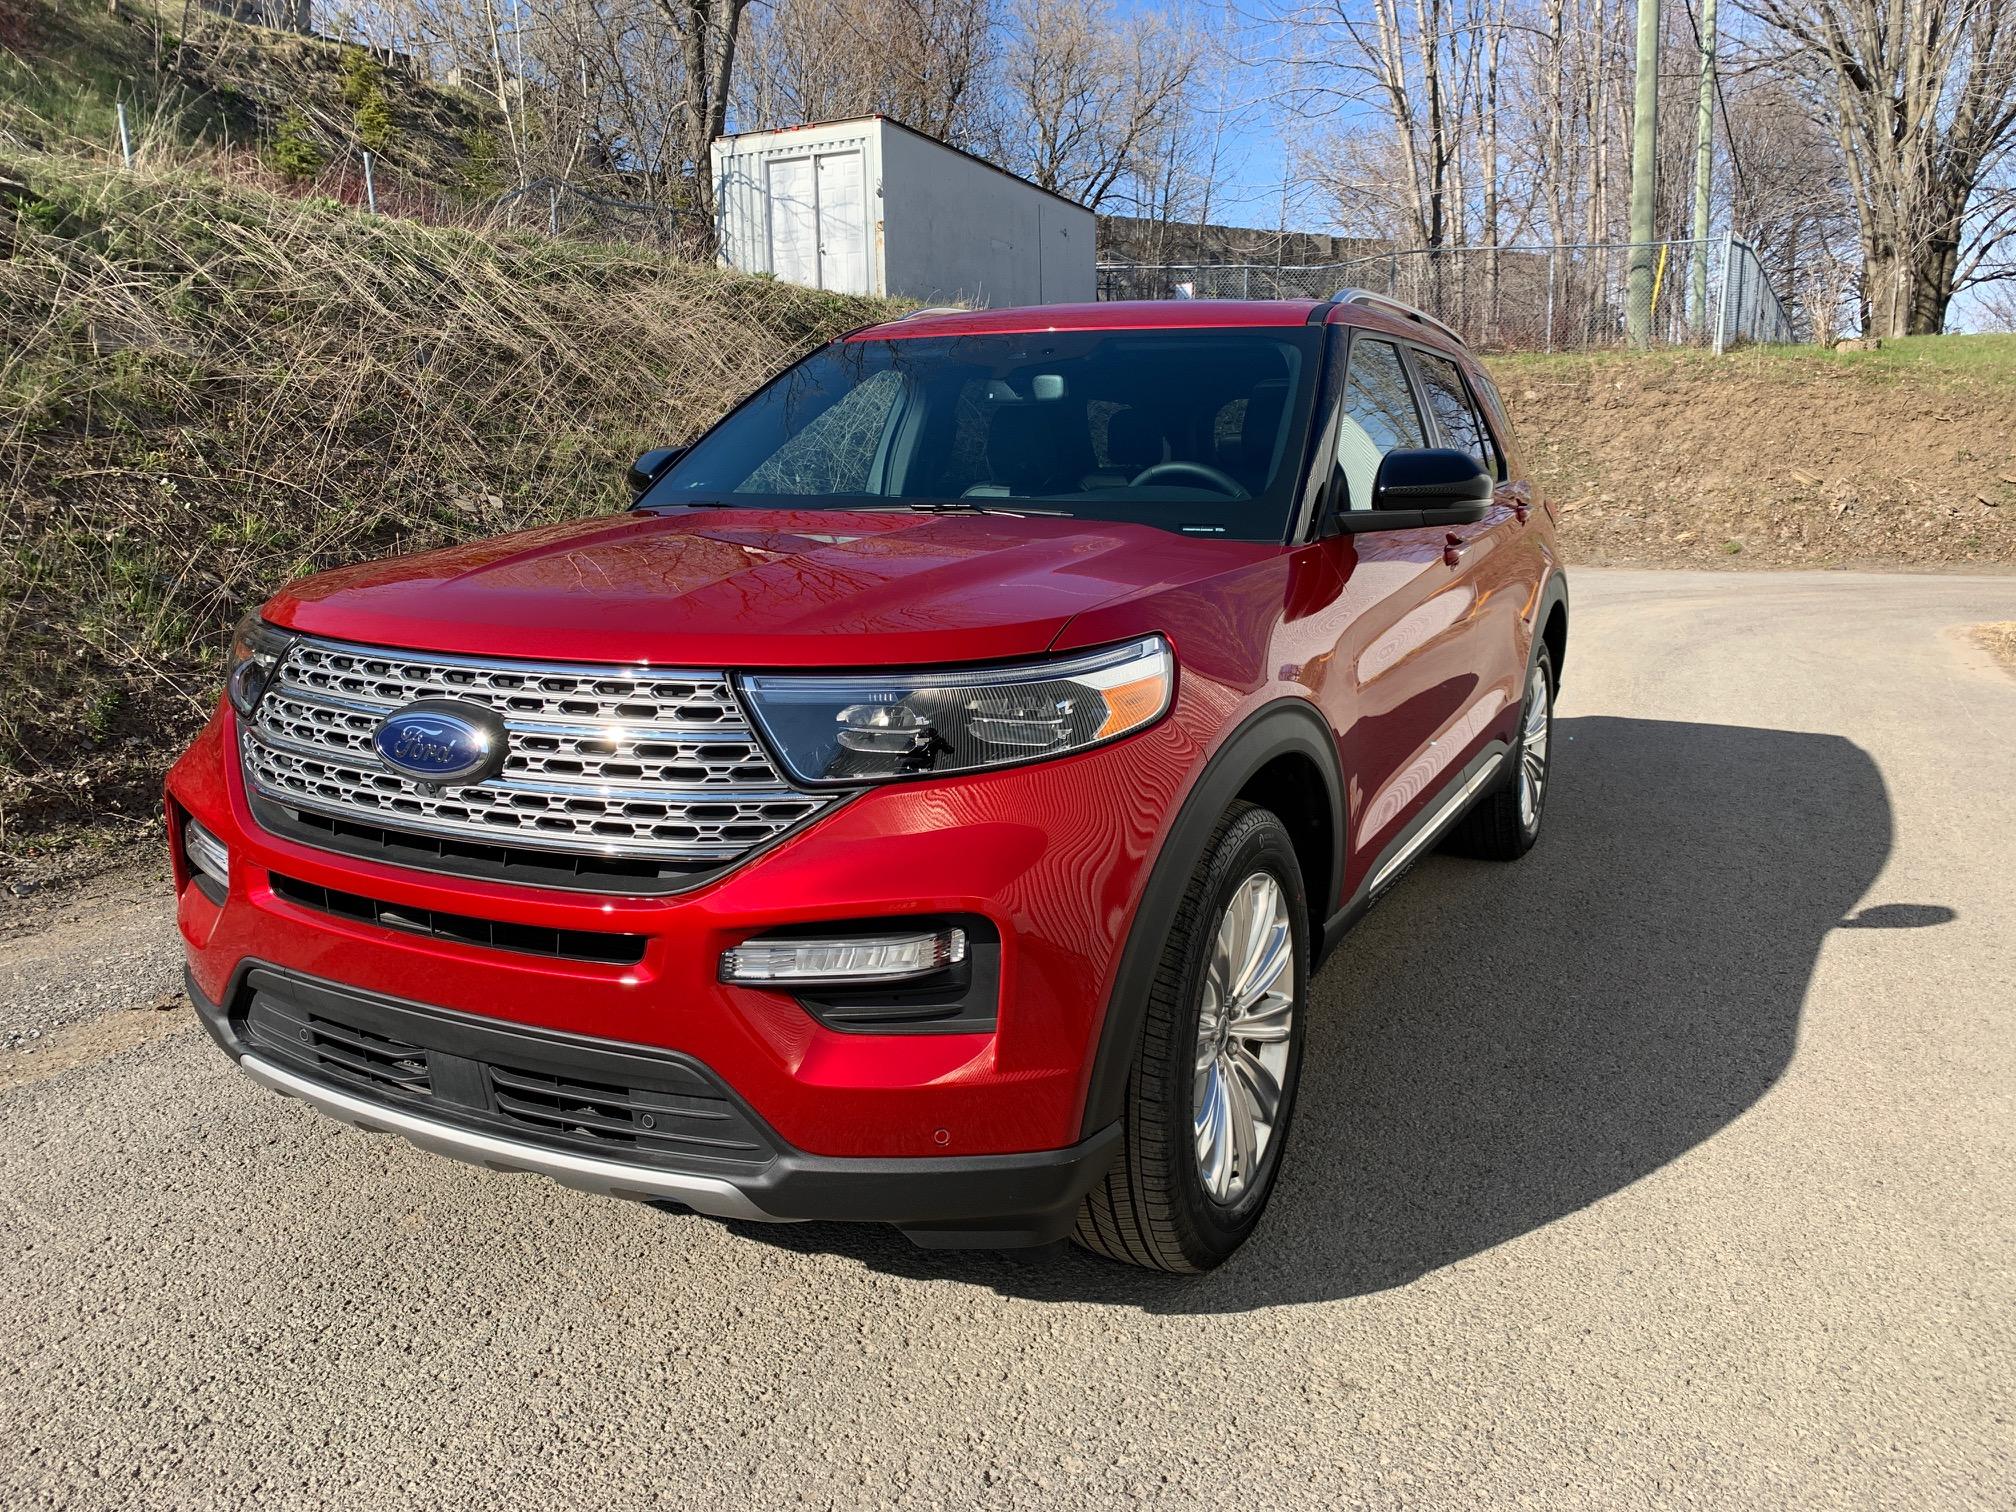 2020 Ford Explorer 2020 LIMITED full